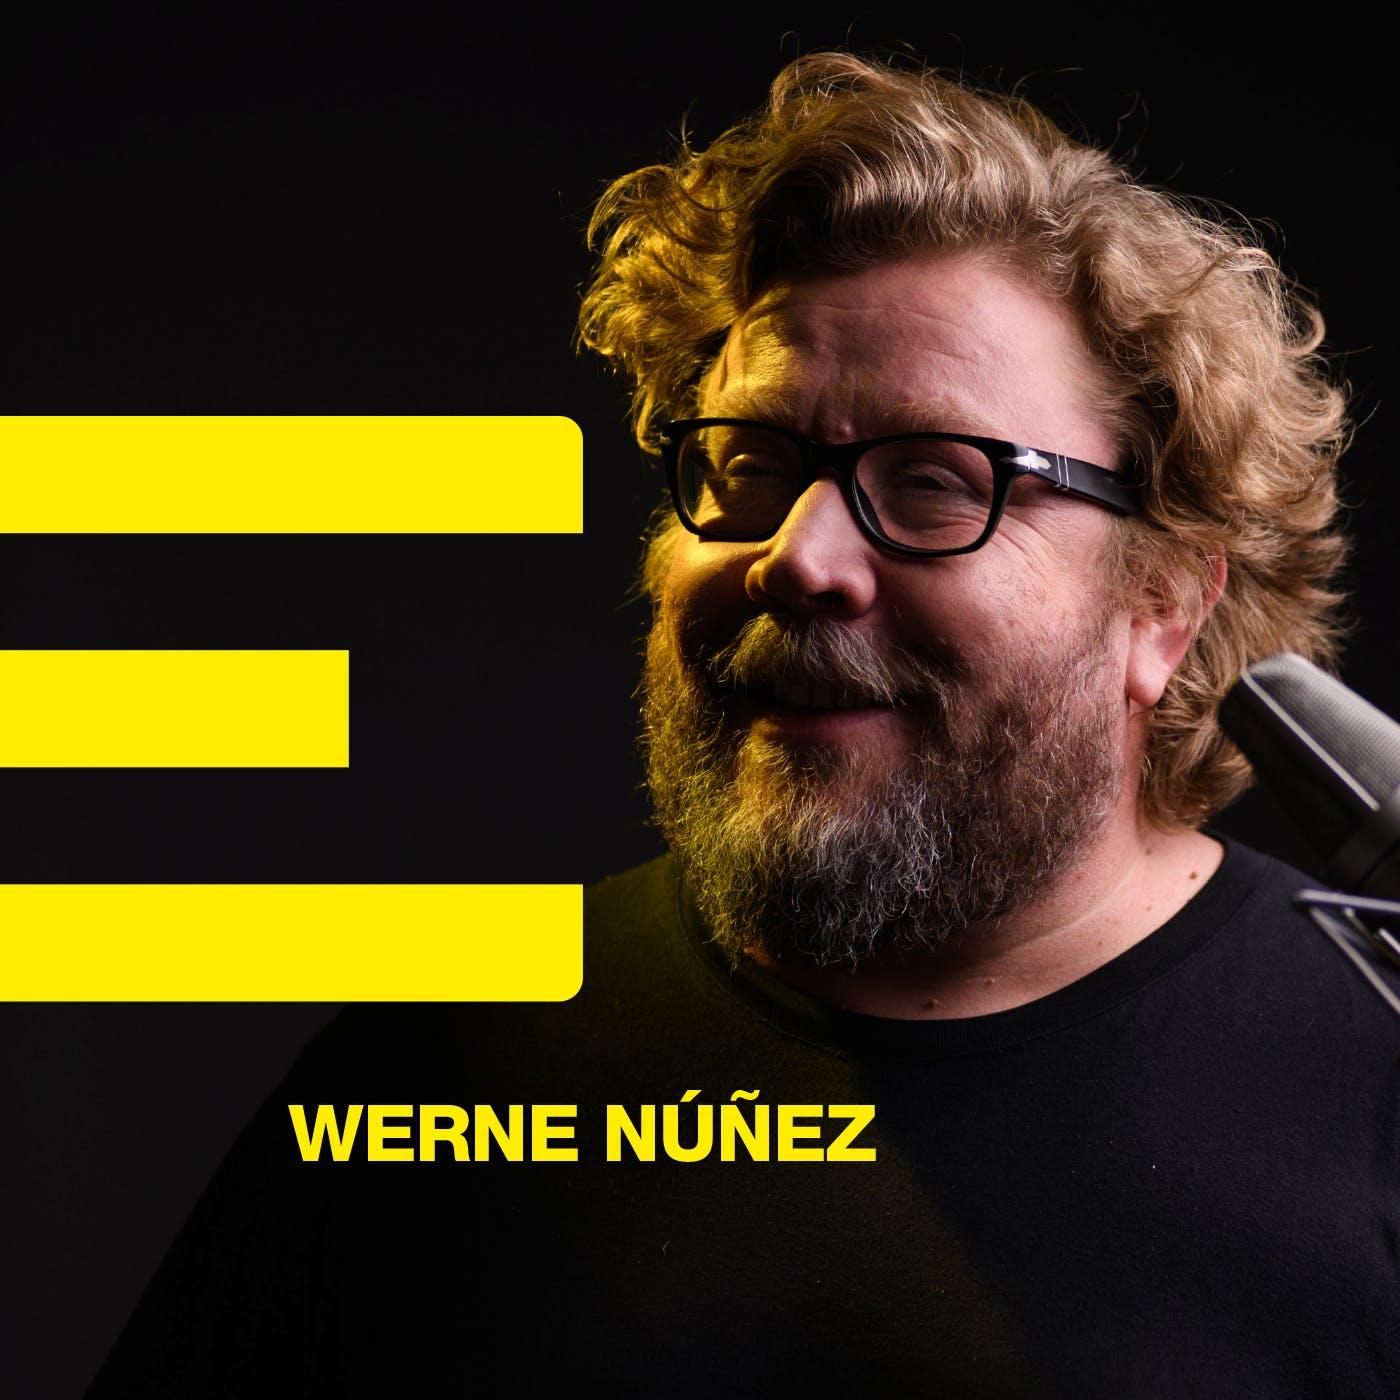 Septiembre: Canción  Nacional, Intriga Internacional, con Werne Núñez - Especial Aniversario - Emisor Podcasting